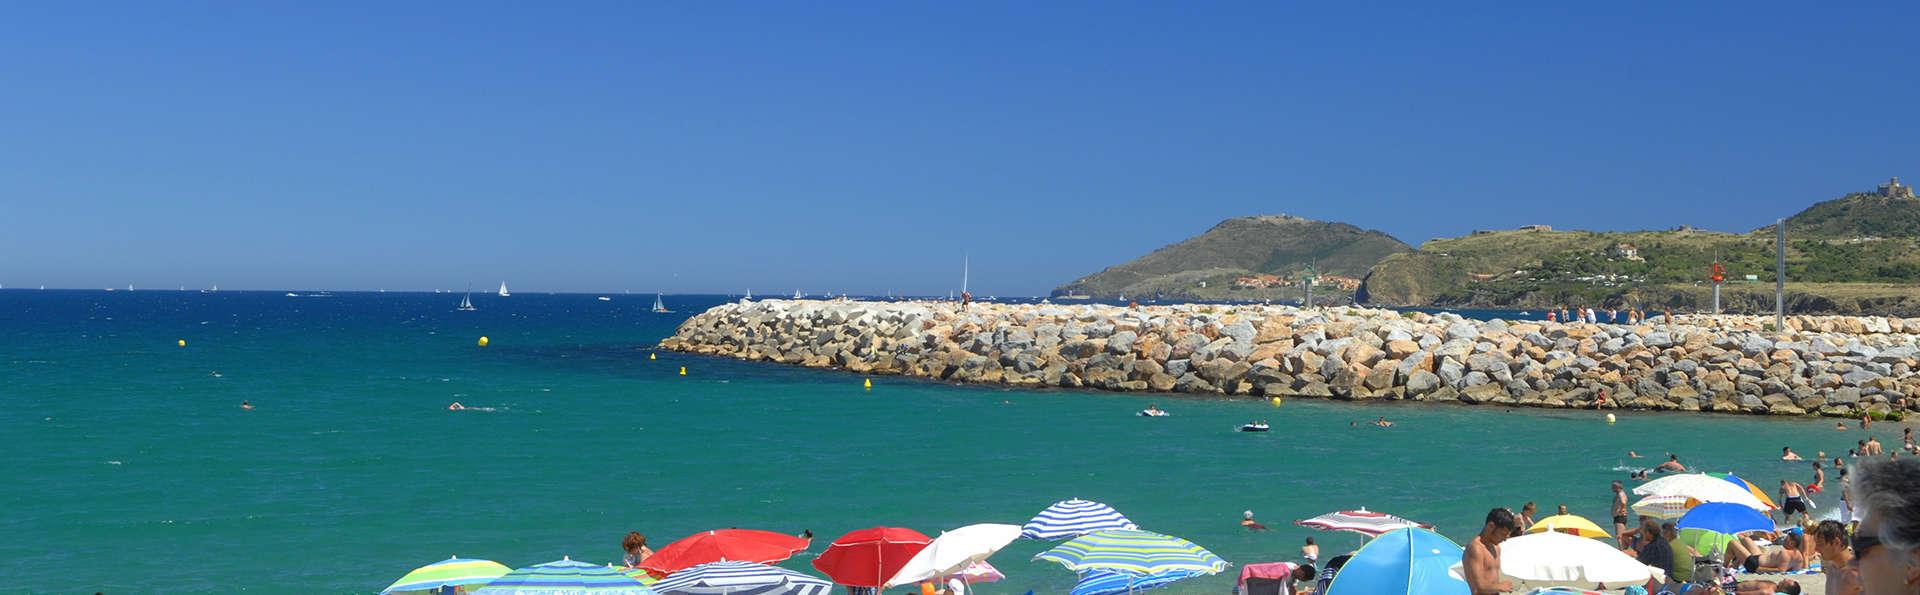 Vacanceole La Massane Argeles Sur Mer  - Edit_Destination3.jpg